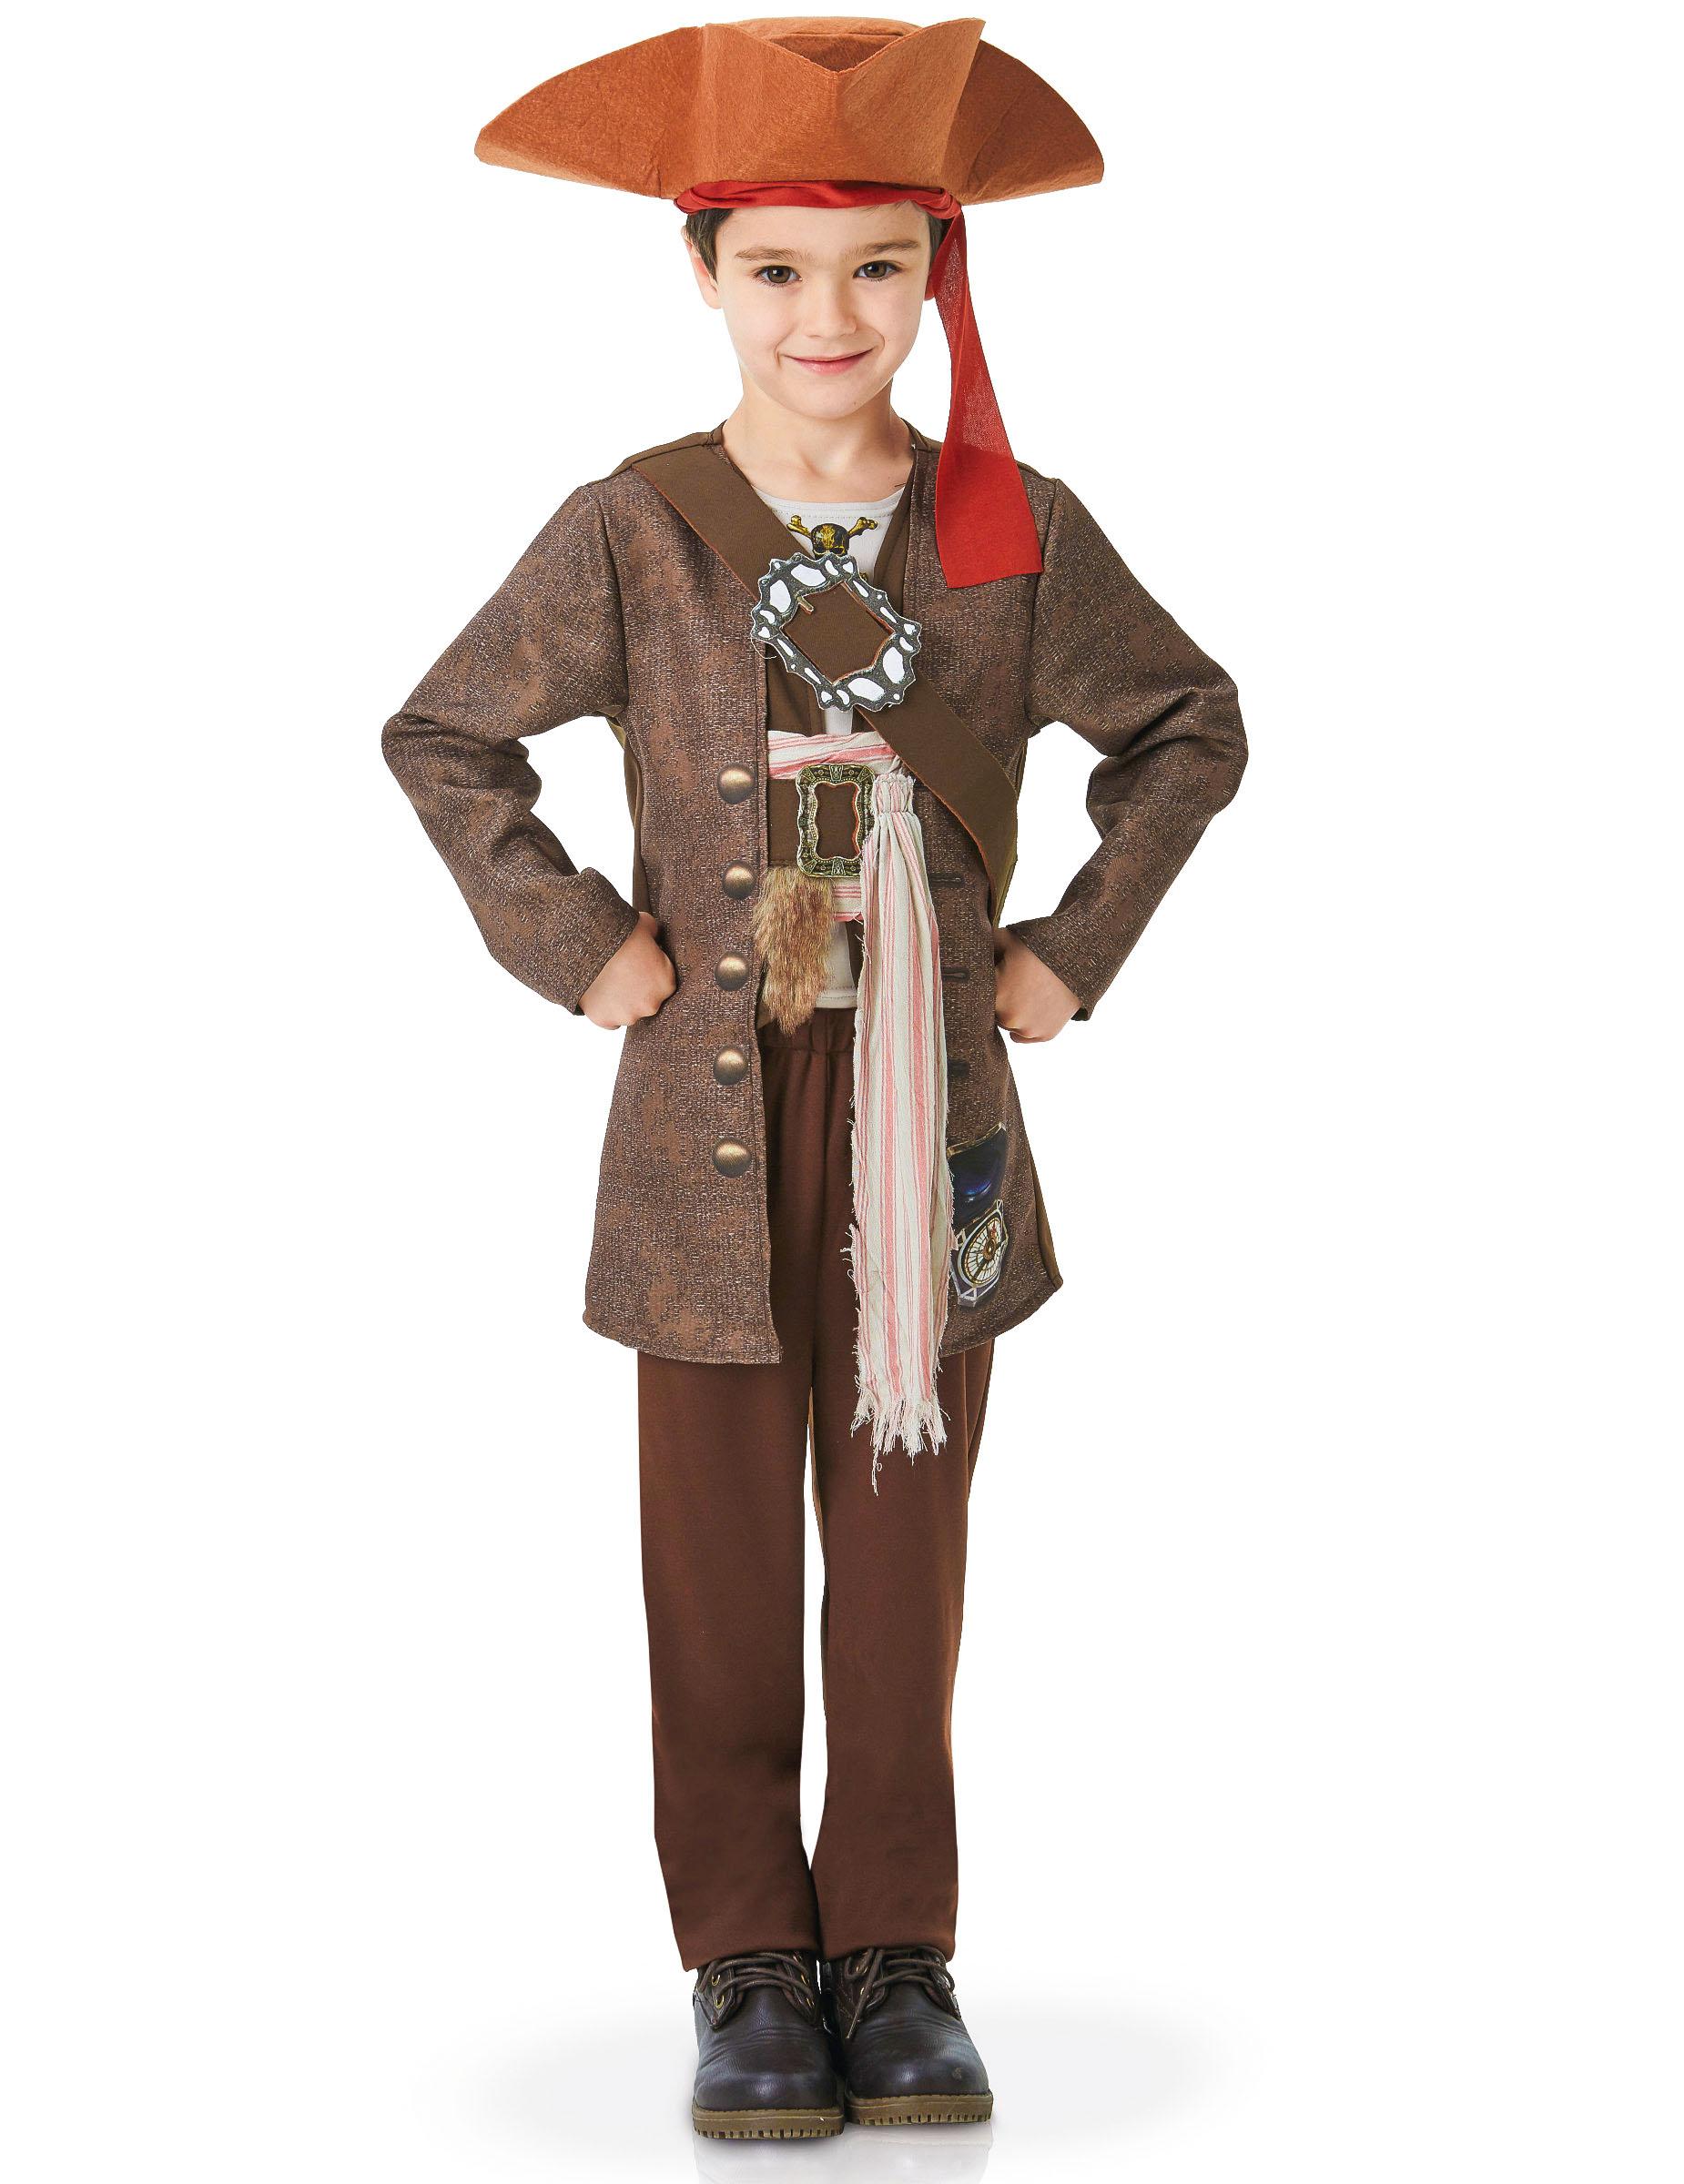 69f924a718513 Disfraz Jack Sparrow™ Piratas del Caribe™ lujo niño  Disfraces niños ...